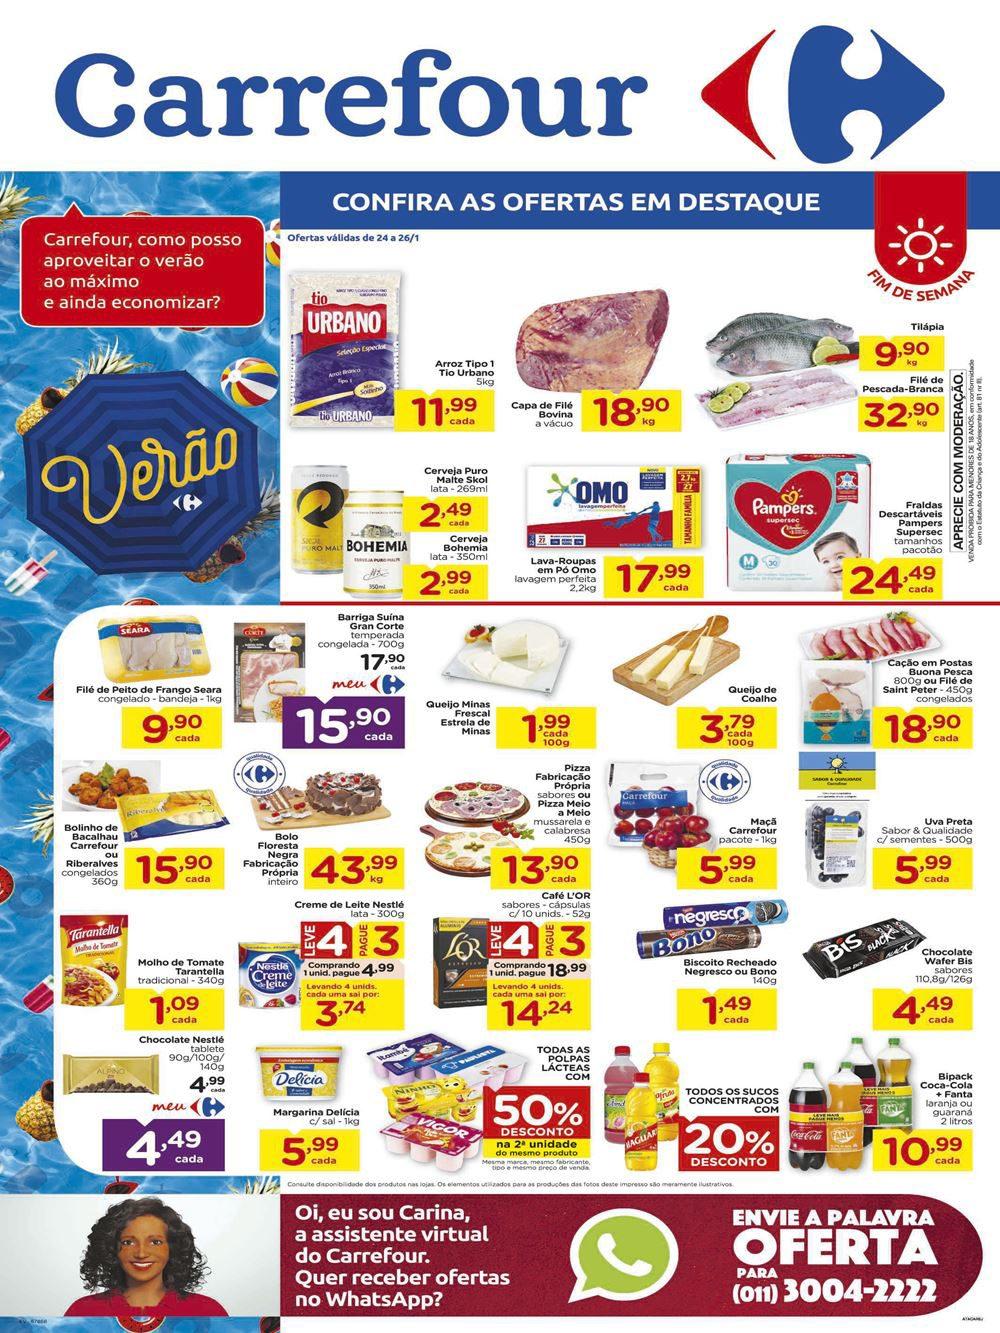 Final de Semana Carrefour folheto com ofertas válidas até 26/01